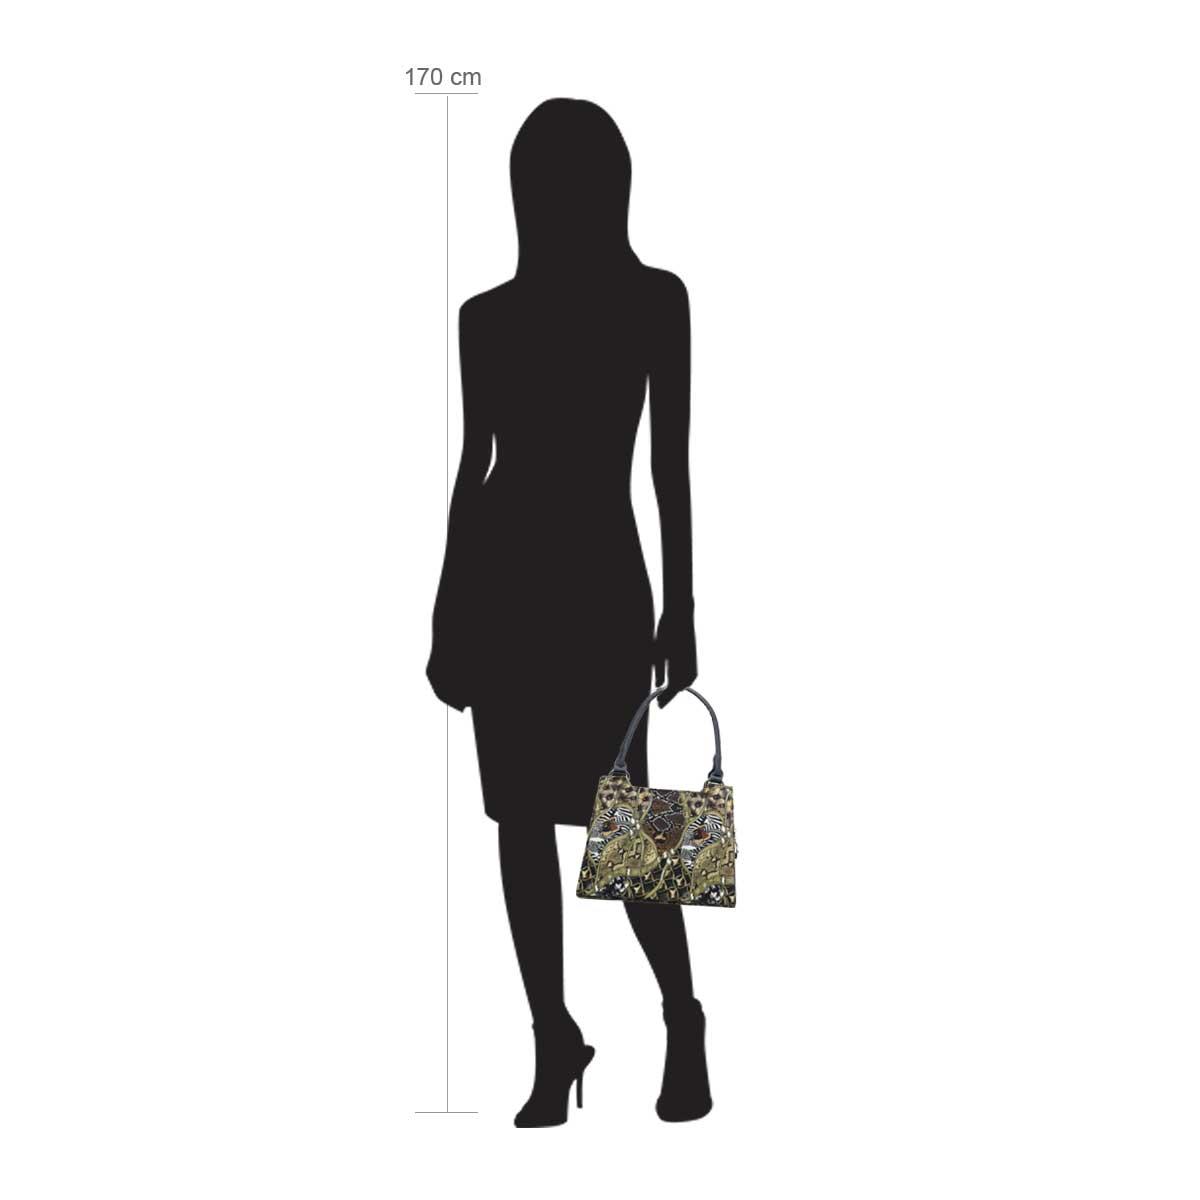 Modellpuppe 170 cm groß zeigt die Handtaschengröße an der Person Modell:Samar